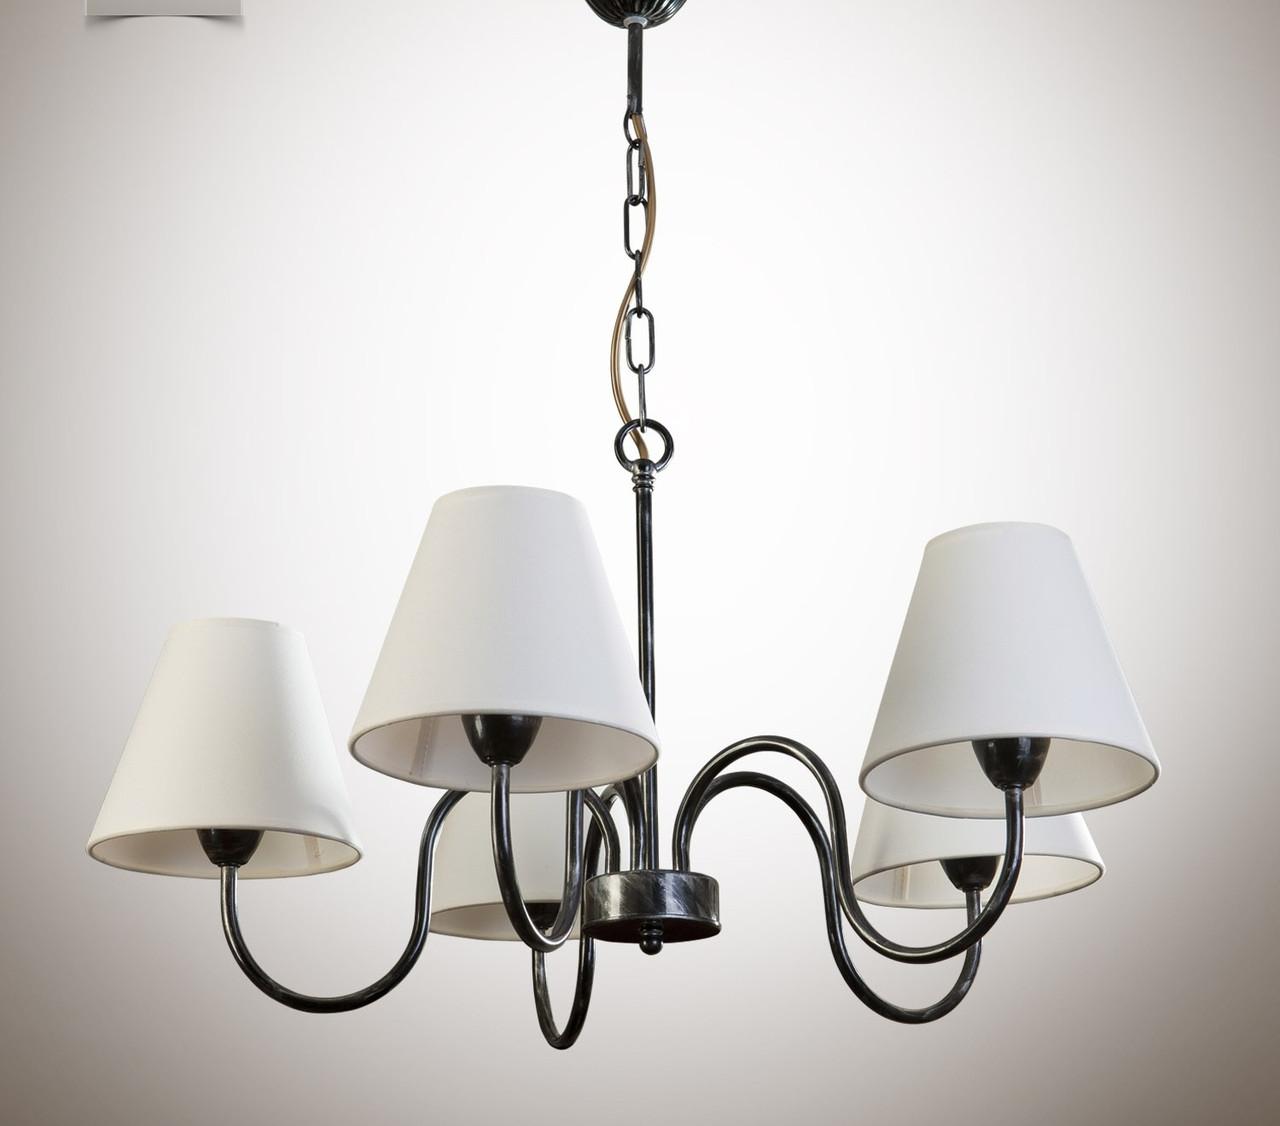 Люстра для спальни, зала, 5-ти ламповая, с абажуром 10505-3